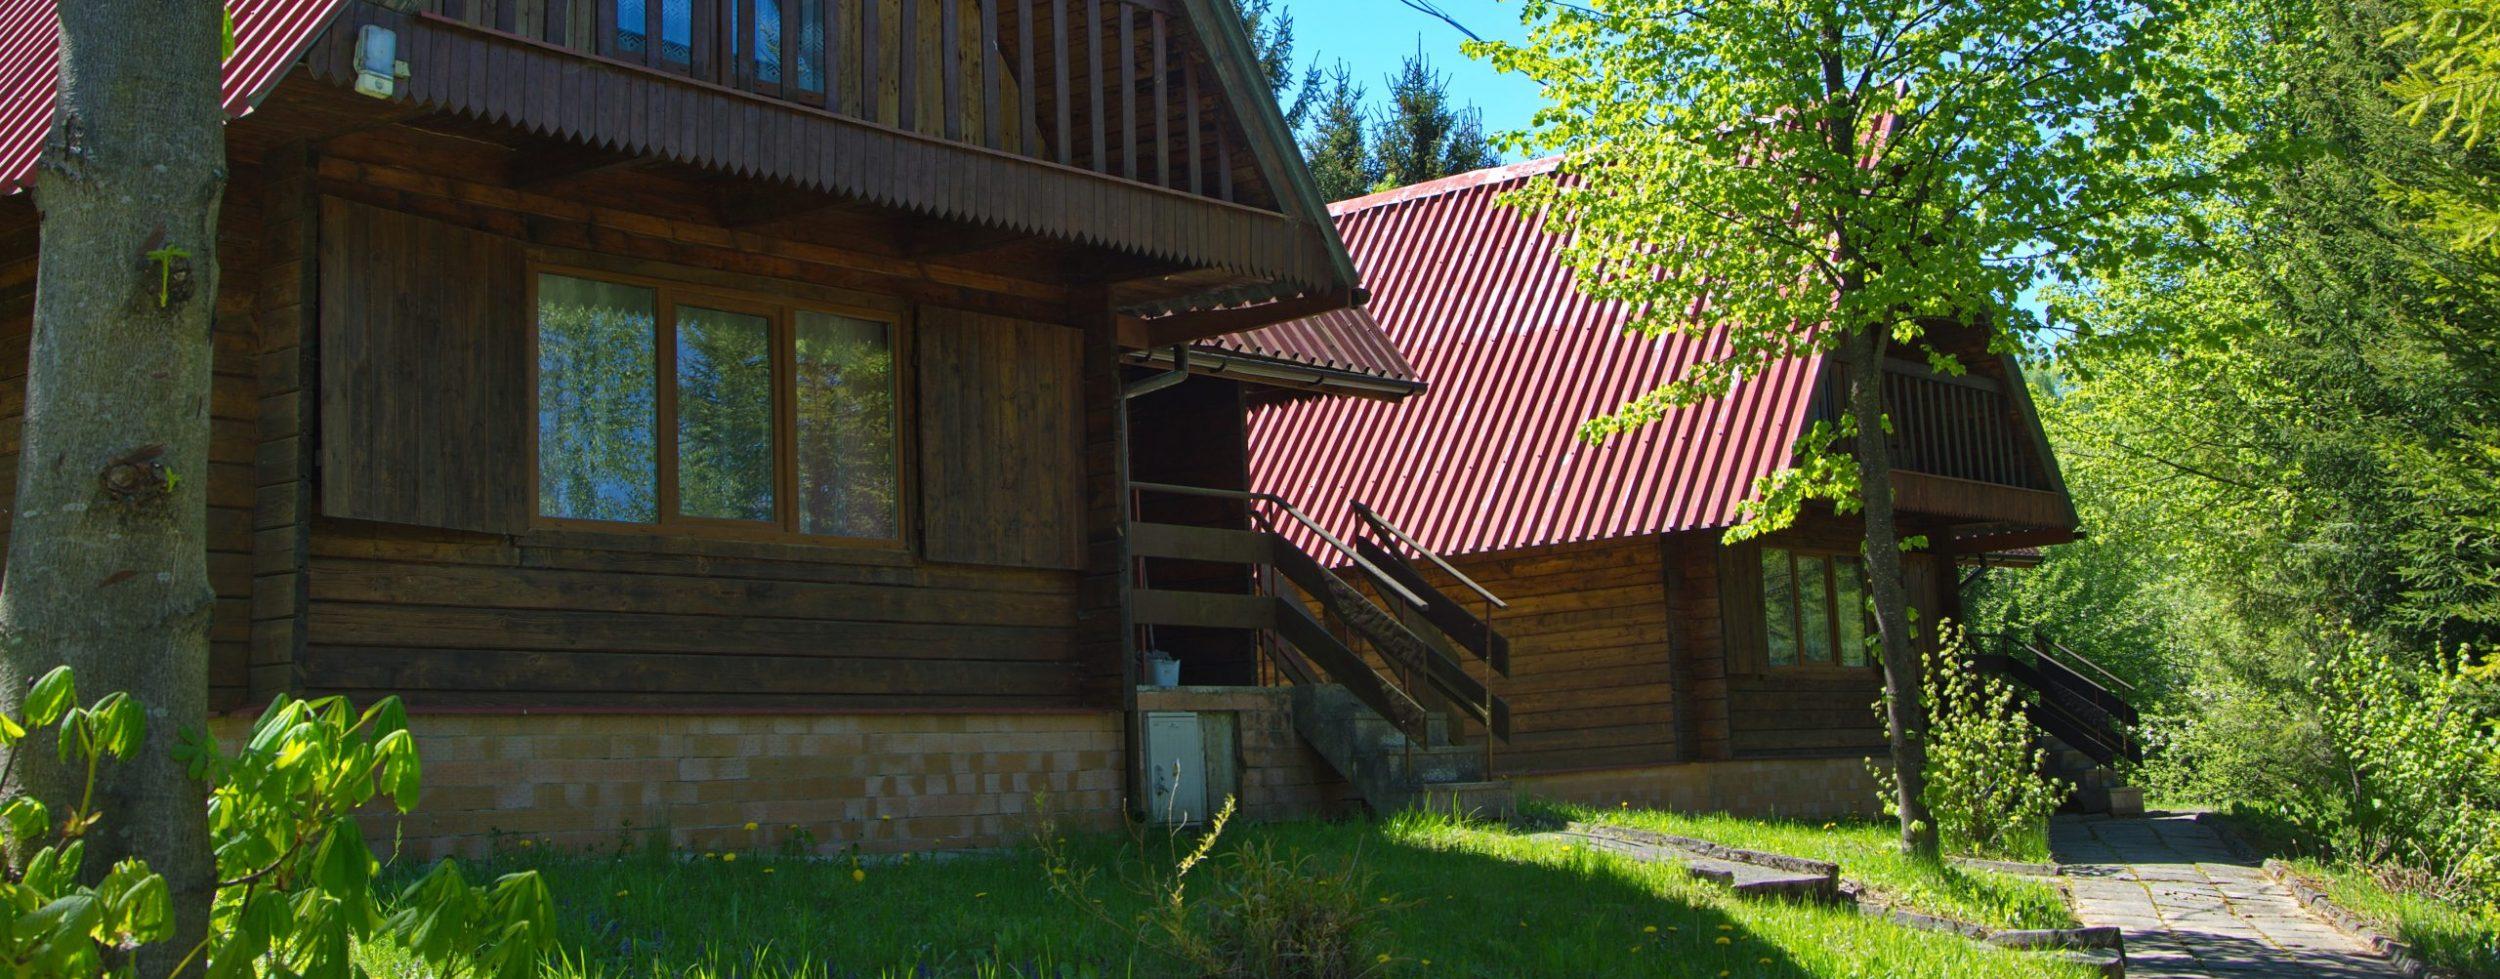 Ośrodek Wczasowy SOLINKA